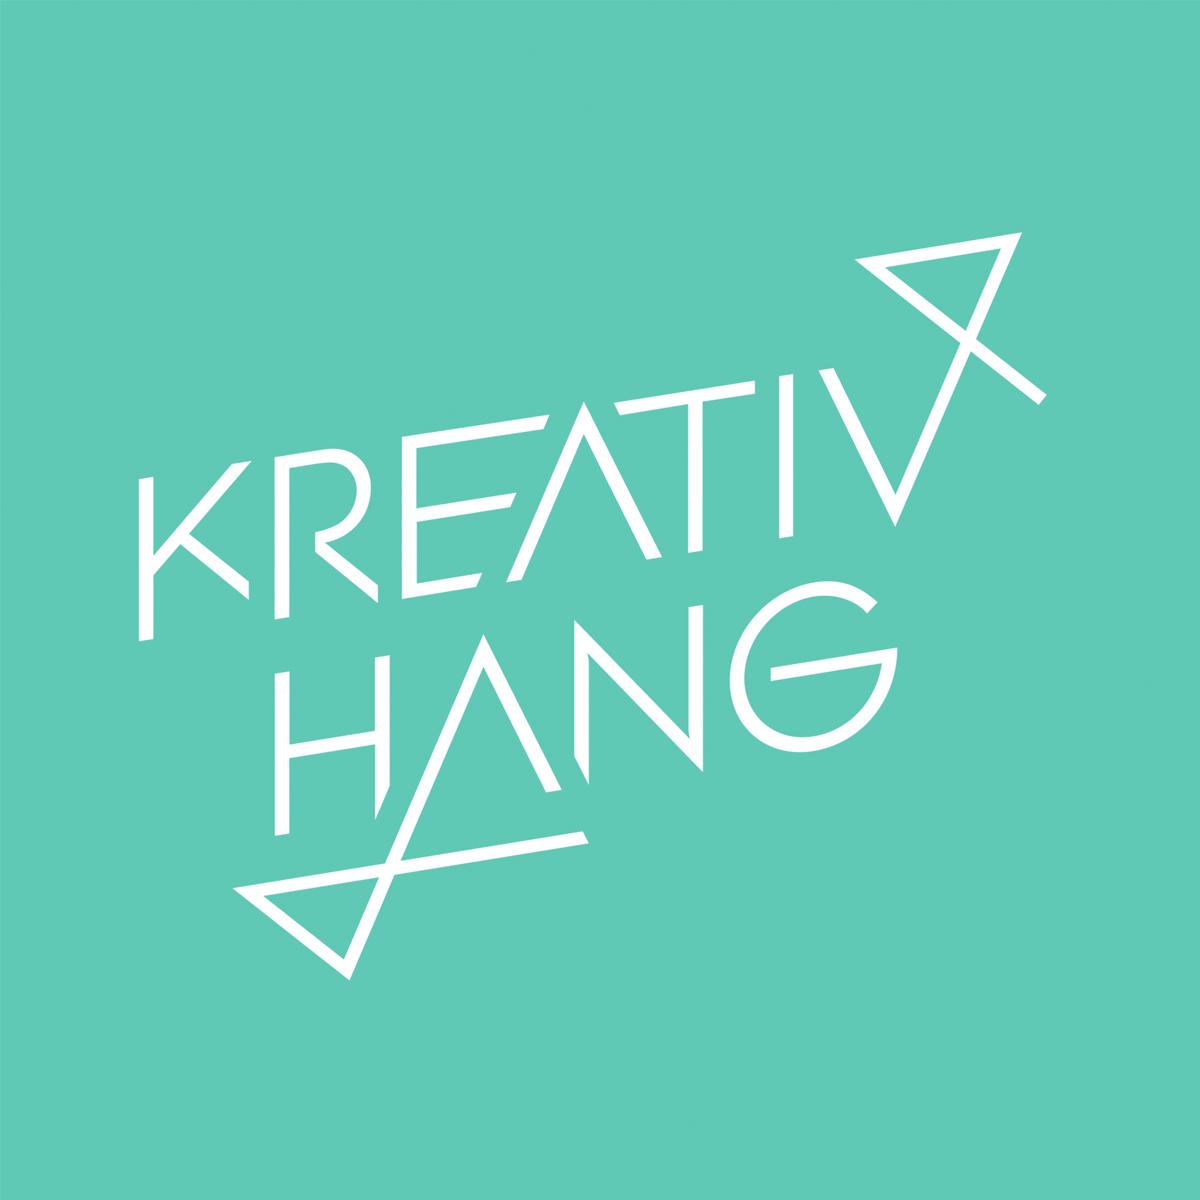 Kreativhang Grafikbüro